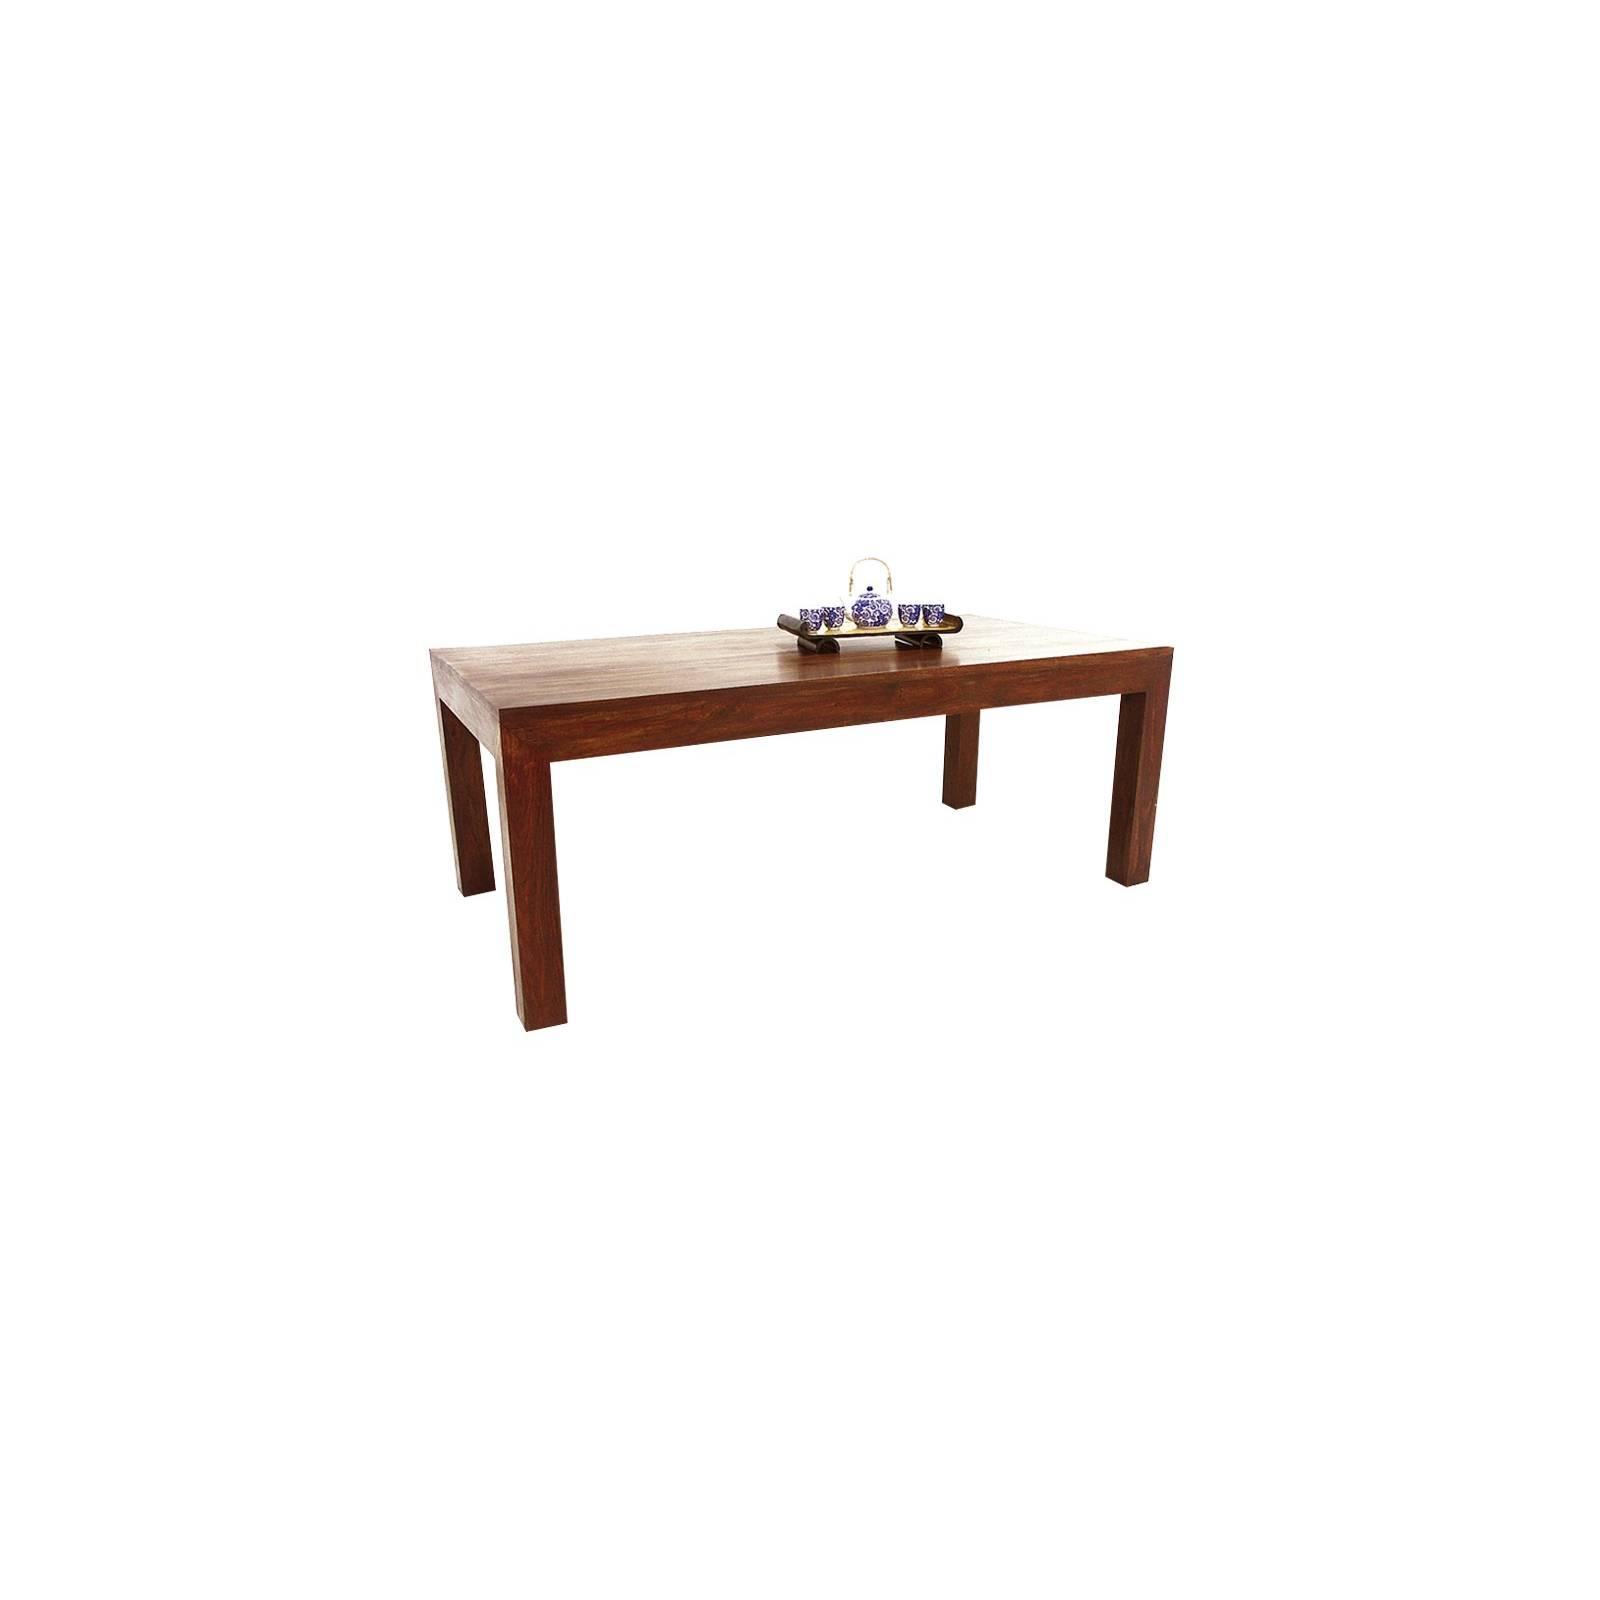 Table Repas Palissandre Zen - meuble en bois massif